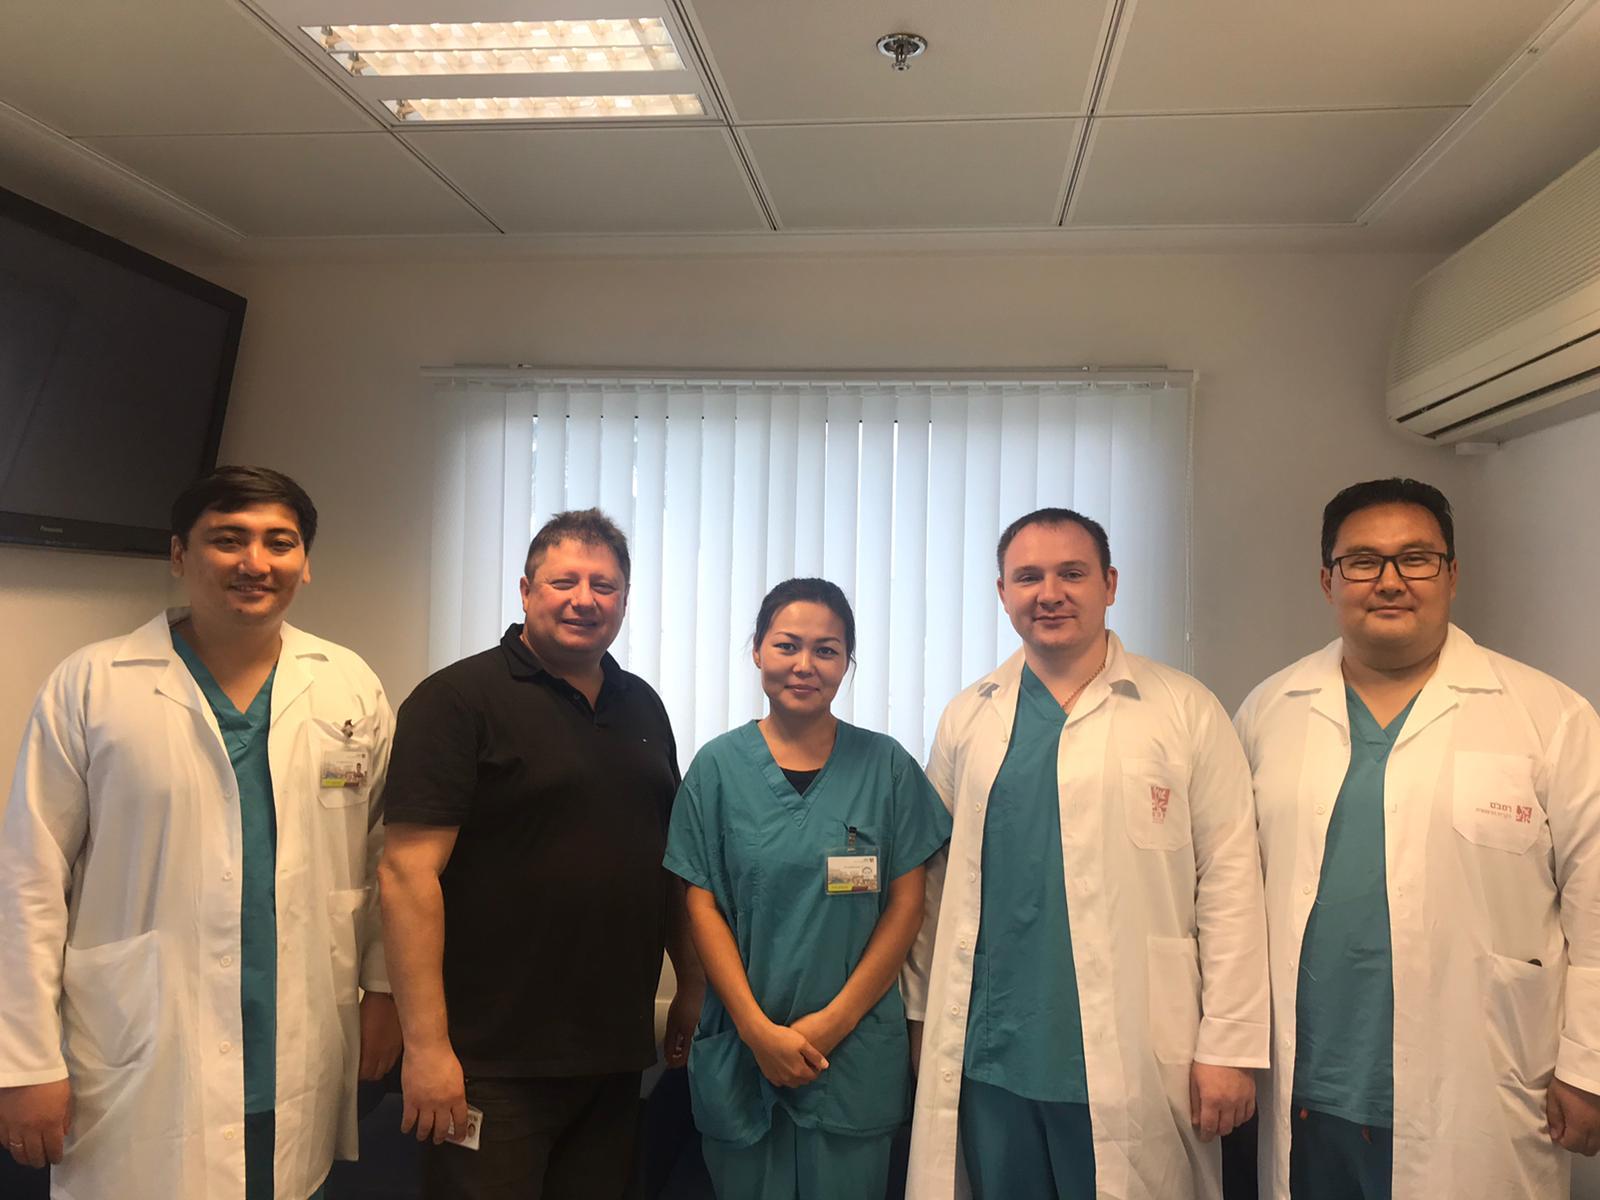 Врачи-онкологи Центра ядерной медицины и онкологии города Семей прошли 4-месячную стажировку в ведущей клинике Израиля